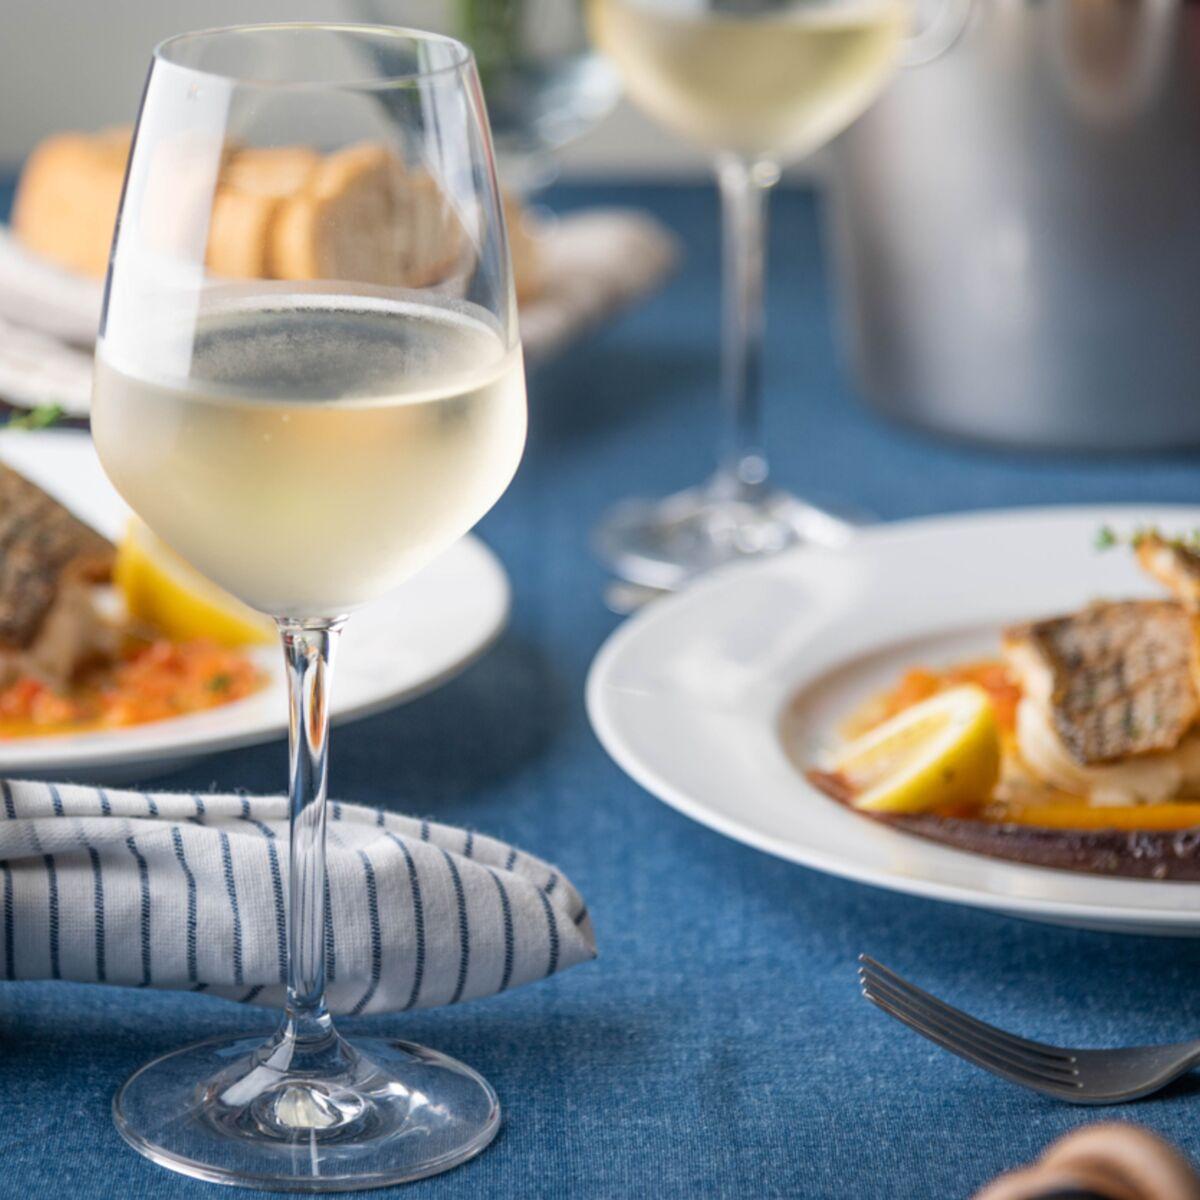 Calories Du Vin Quels Sont Les Vins Les Plus Caloriques Femme Actuelle Le Mag